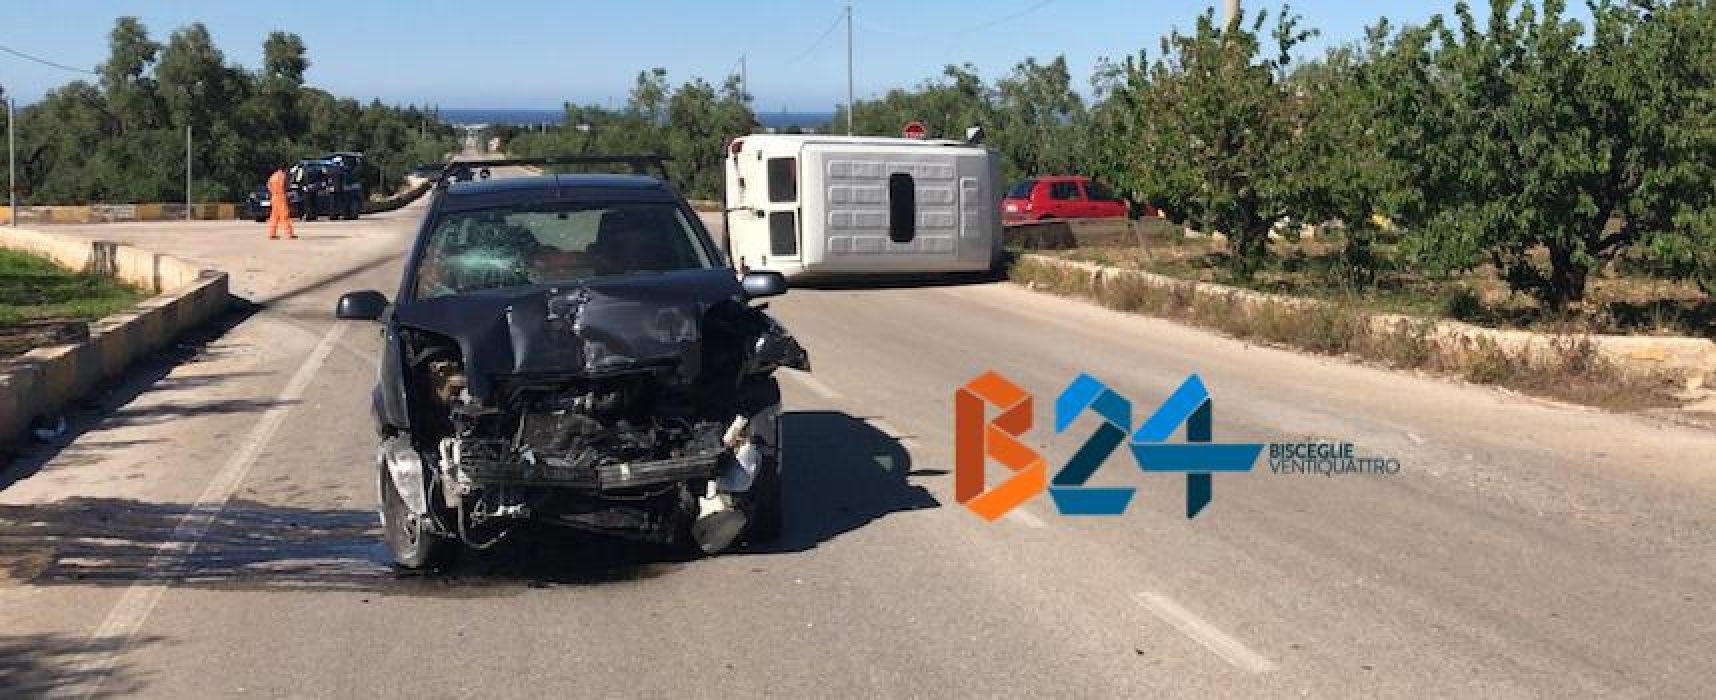 Scontro tra auto e furgone sulla Strada Provinciale 85